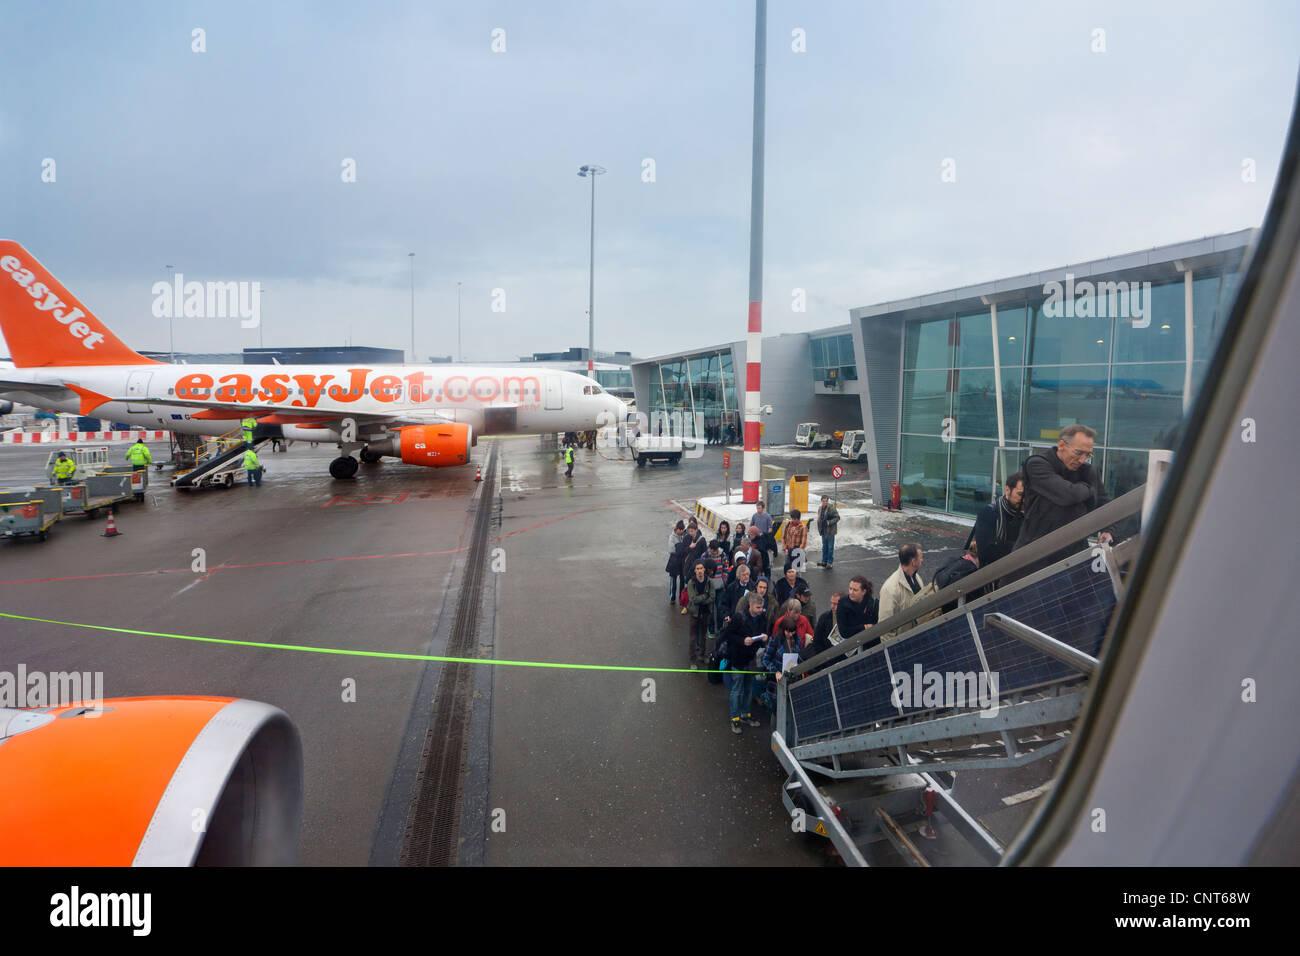 L'aéroport de Schiphol Amsterdam embarquement avion avion EasyJet Personnes mobile avion escaliers Escalier Photo Stock